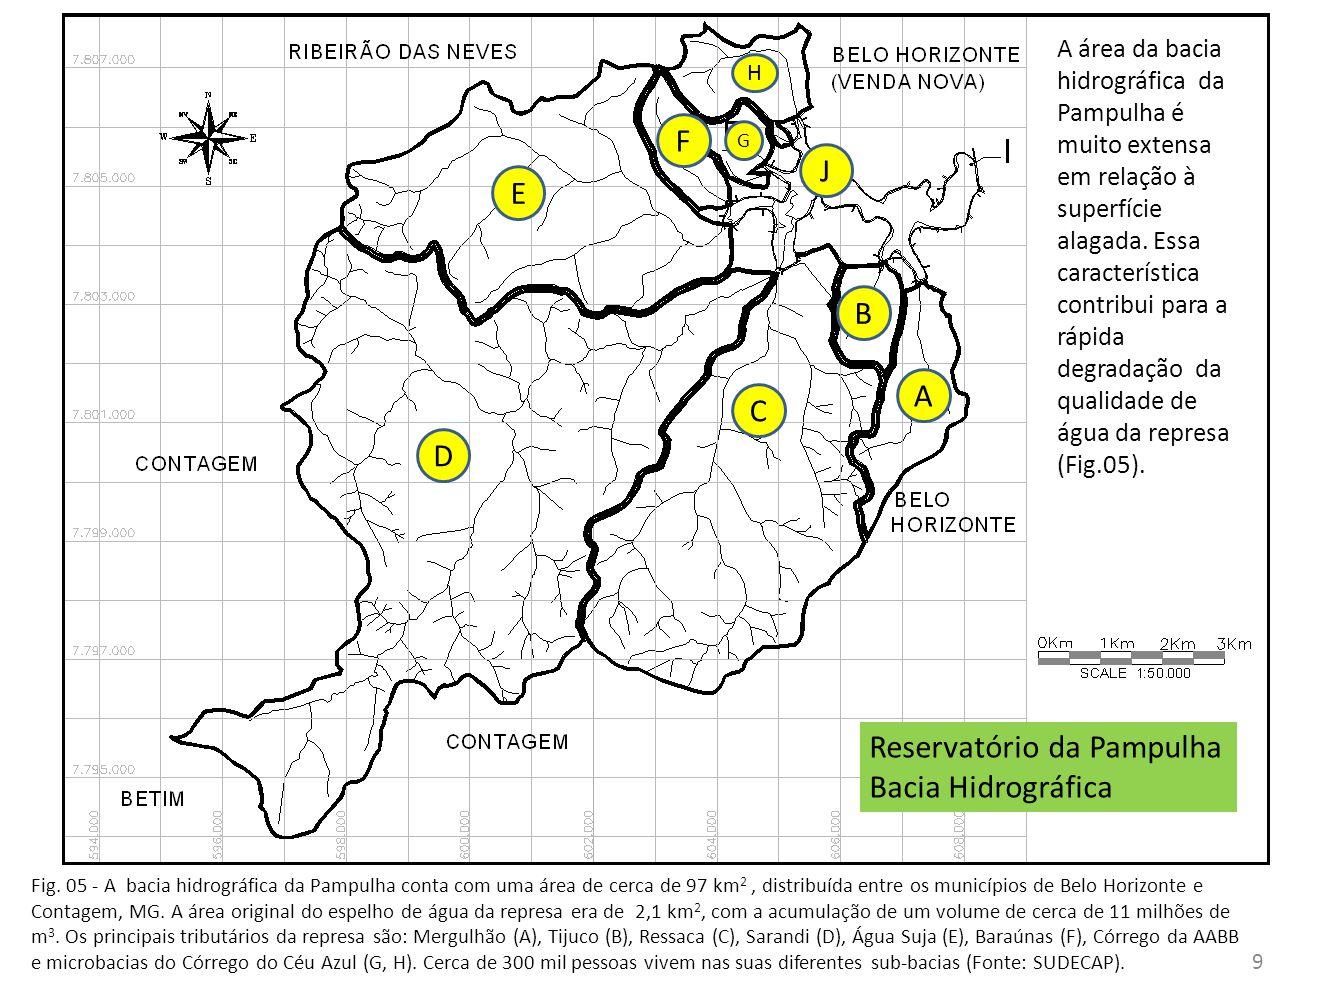 Fig. 05 - A bacia hidrográfica da Pampulha conta com uma área de cerca de 97 km 2, distribuída entre os municípios de Belo Horizonte e Contagem, MG. A